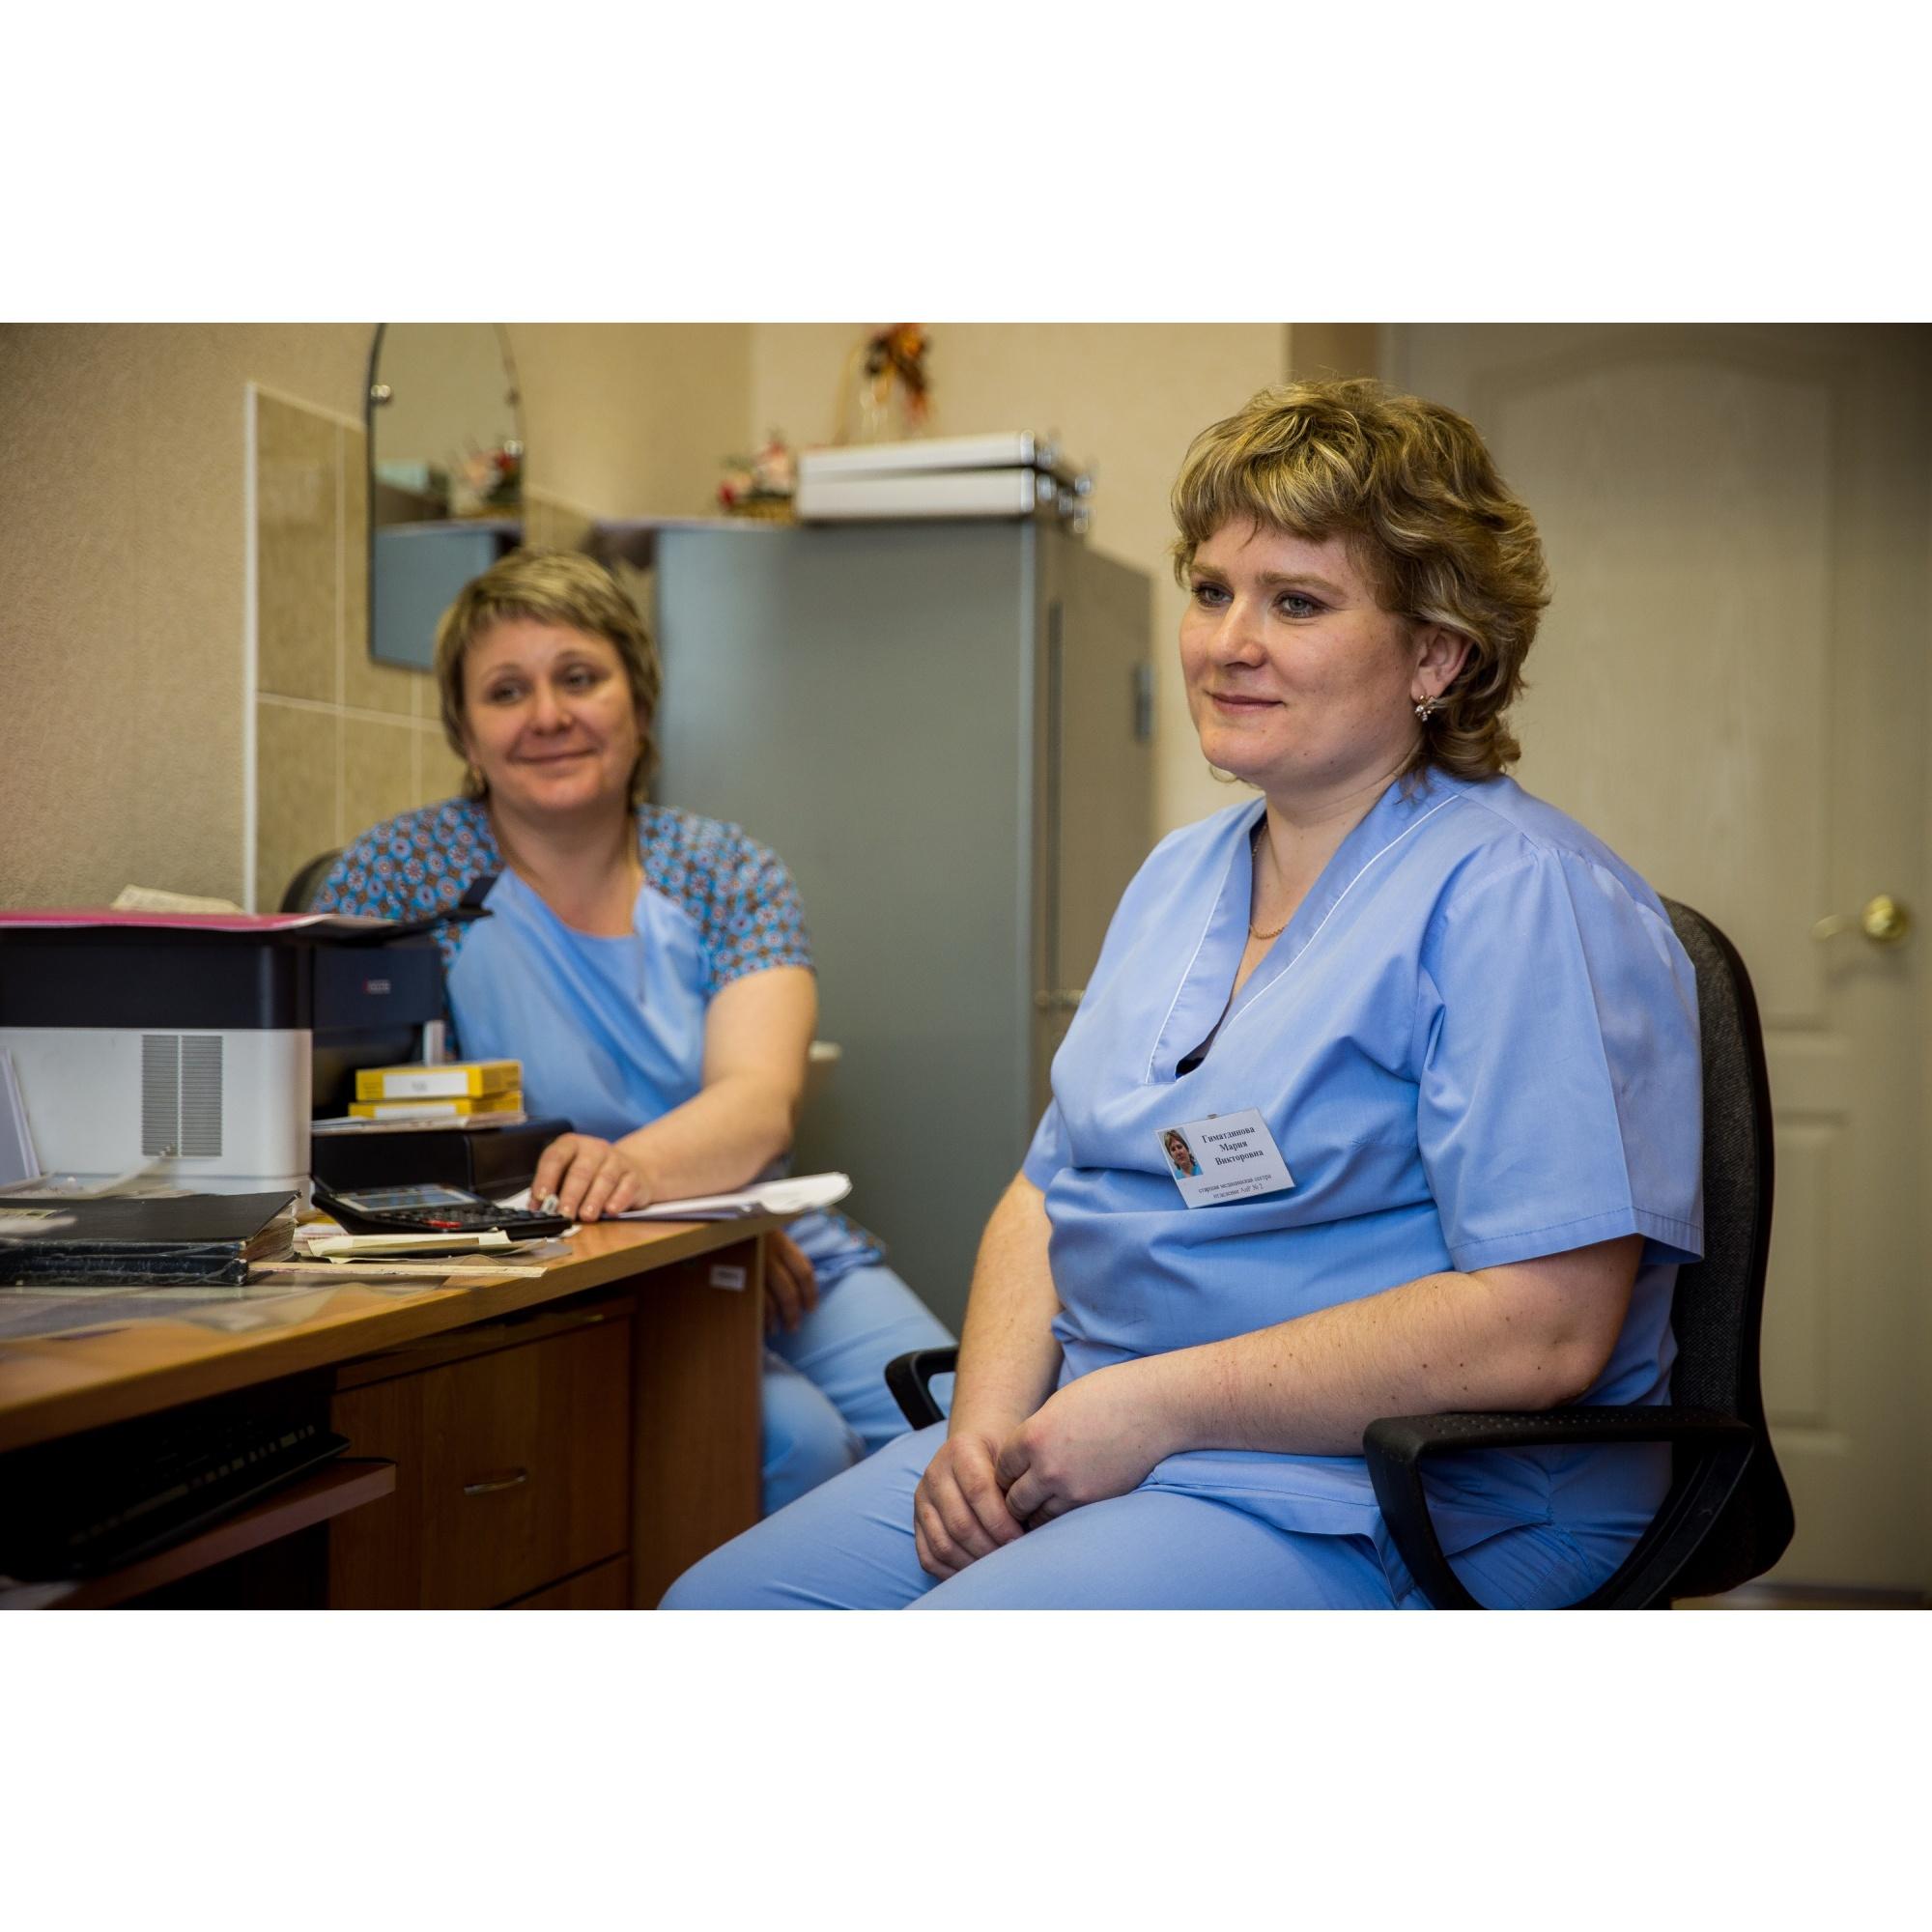 Ольга (слева) пришла работать в больницу в 1990 году, а Мария — вслед за сестрой устроилась сюда в 2000-м